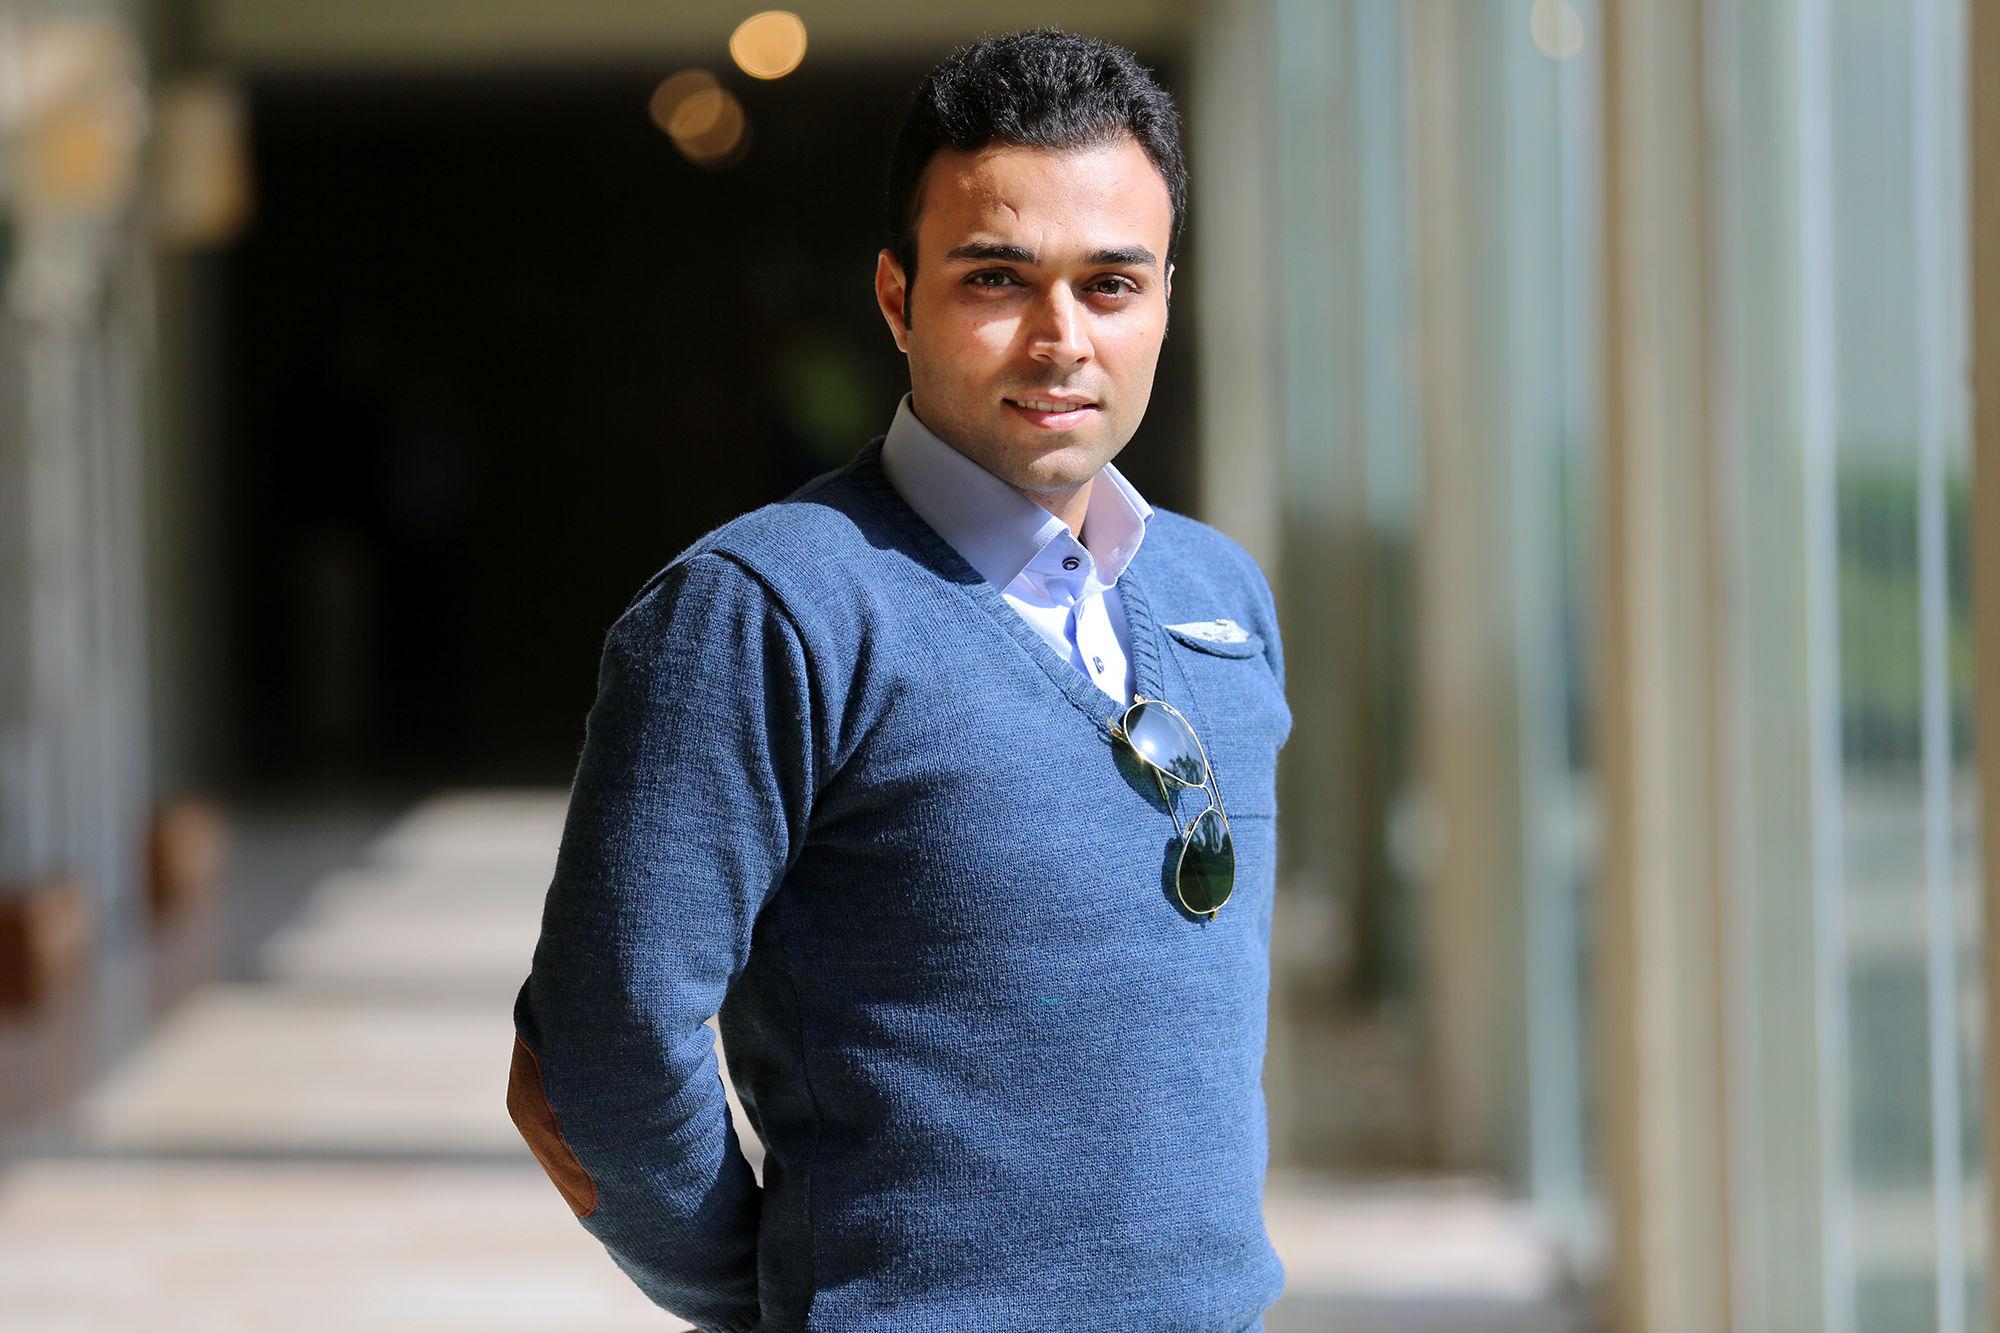 El estudiante procedente de Irán está emocionado por iniciar las clases